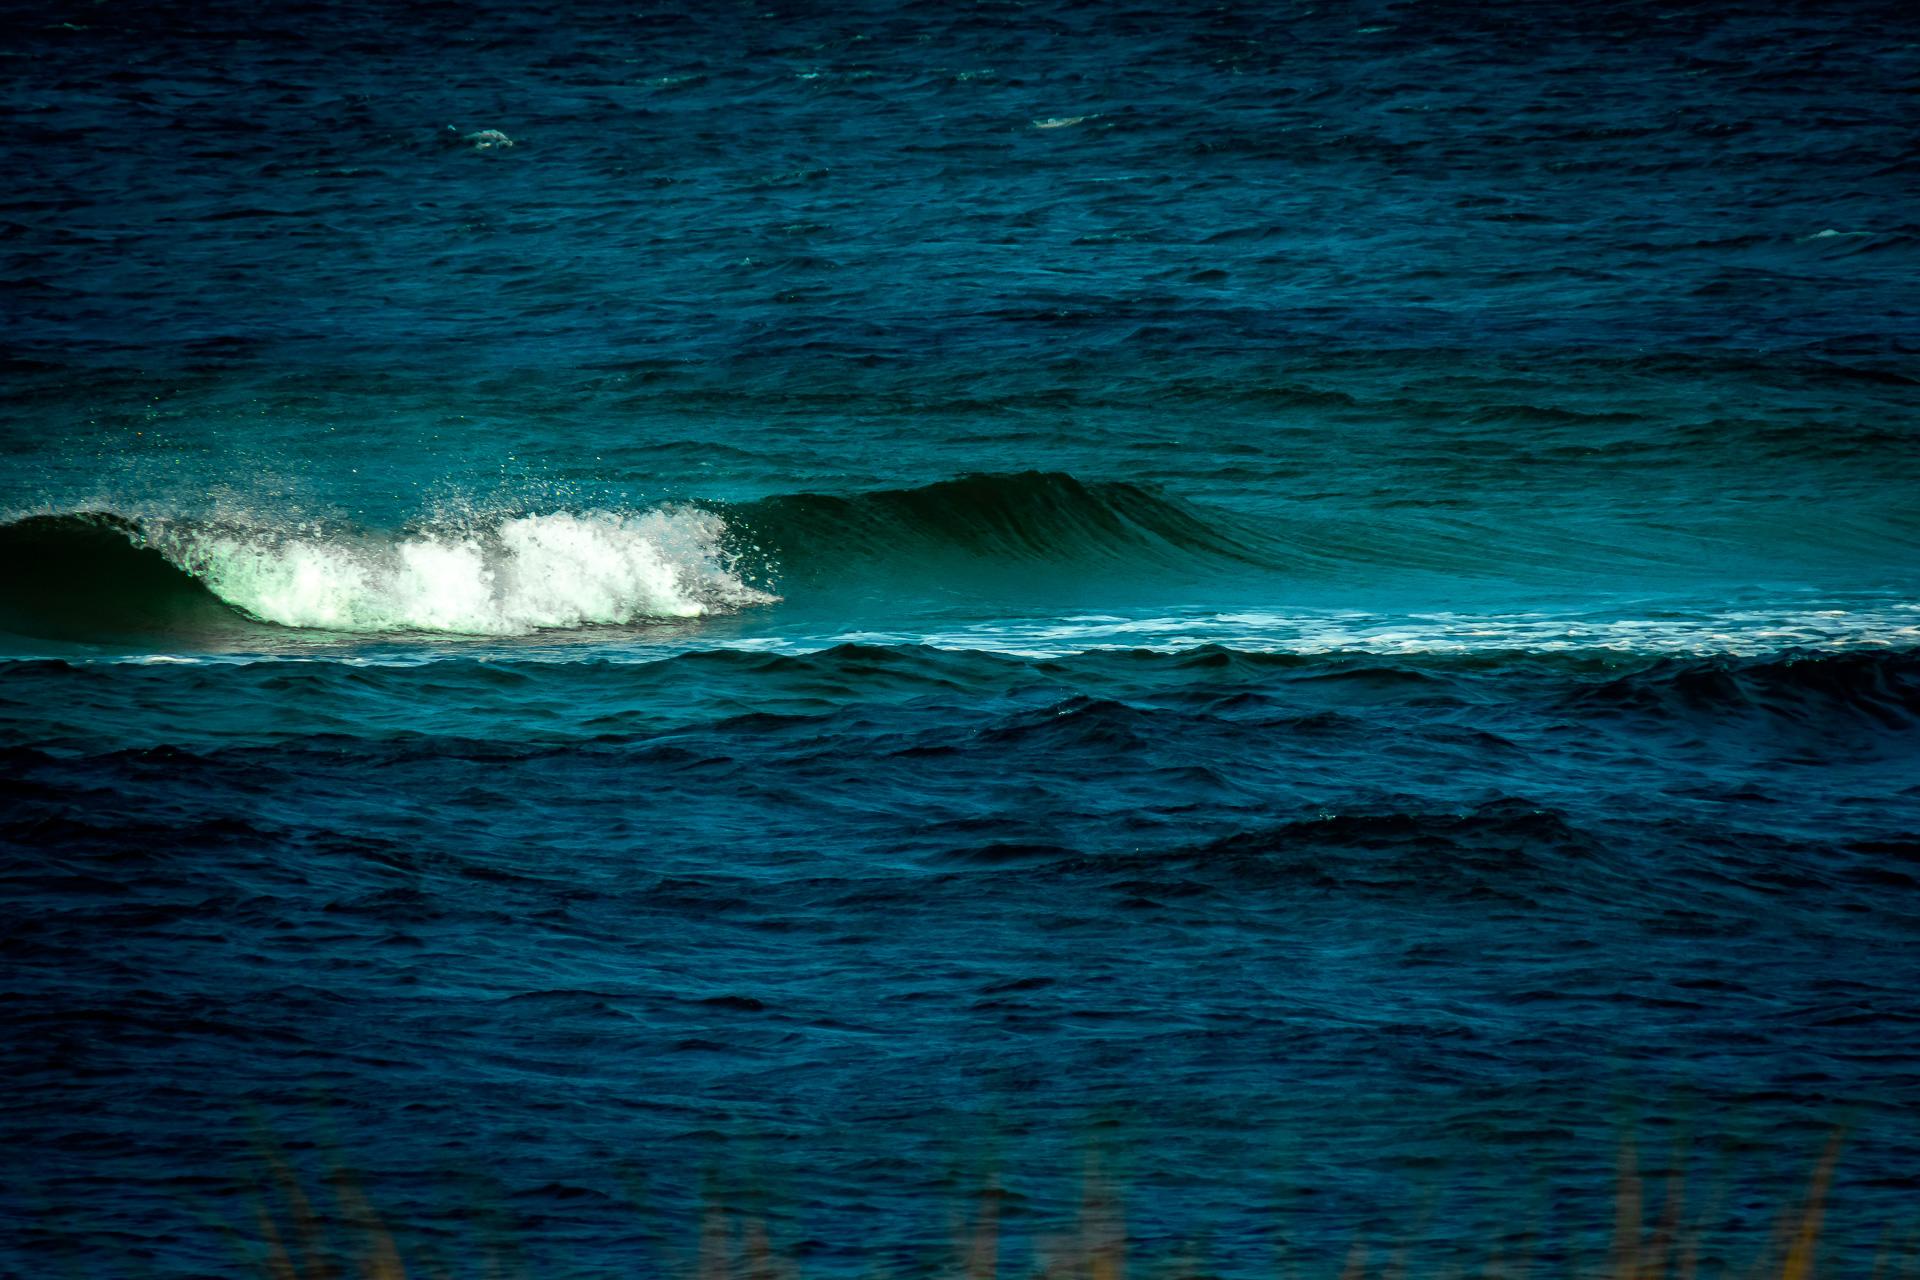 Weiße Gischt auf blau-grüner Welle